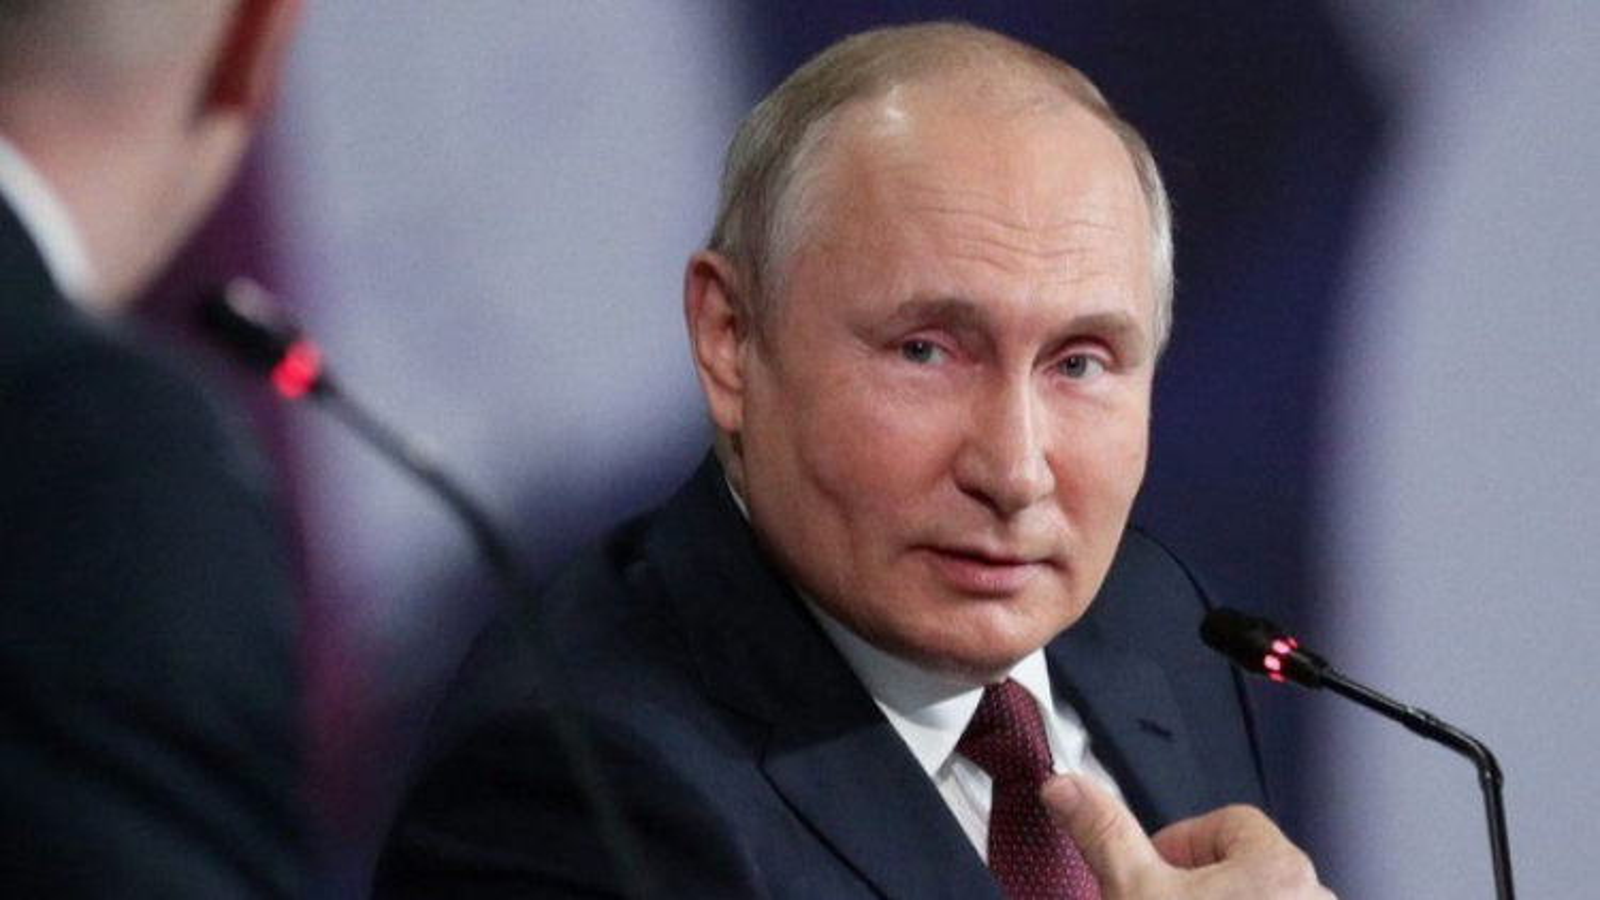 Tổng thống Putin sẽ ủng hộ người kế nhiệm trung thành với đất nước dù bị chỉ trích